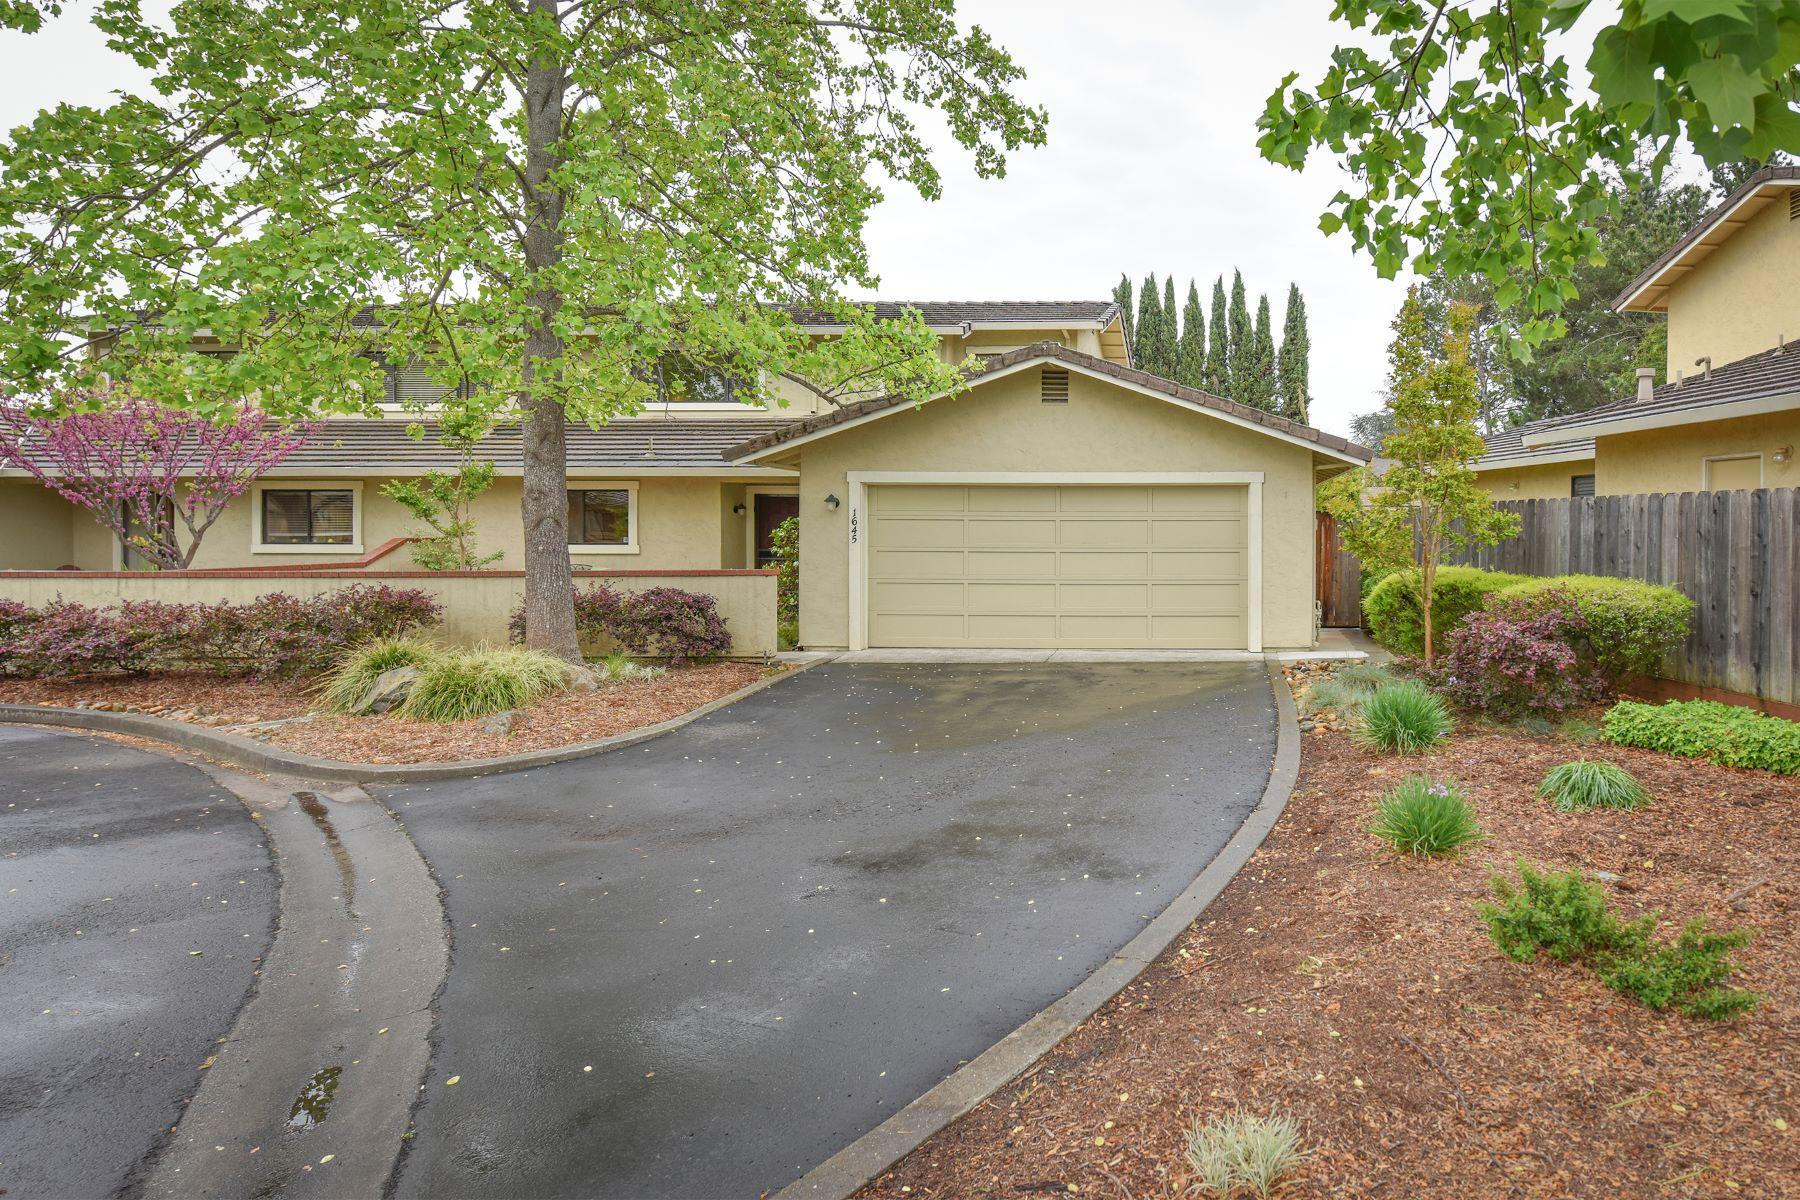 独户住宅 为 销售 在 A North Napa Home on a Quiet Cul-De-Sac 1645 San Vicente Ave 纳帕, 加利福尼亚州, 94558 美国